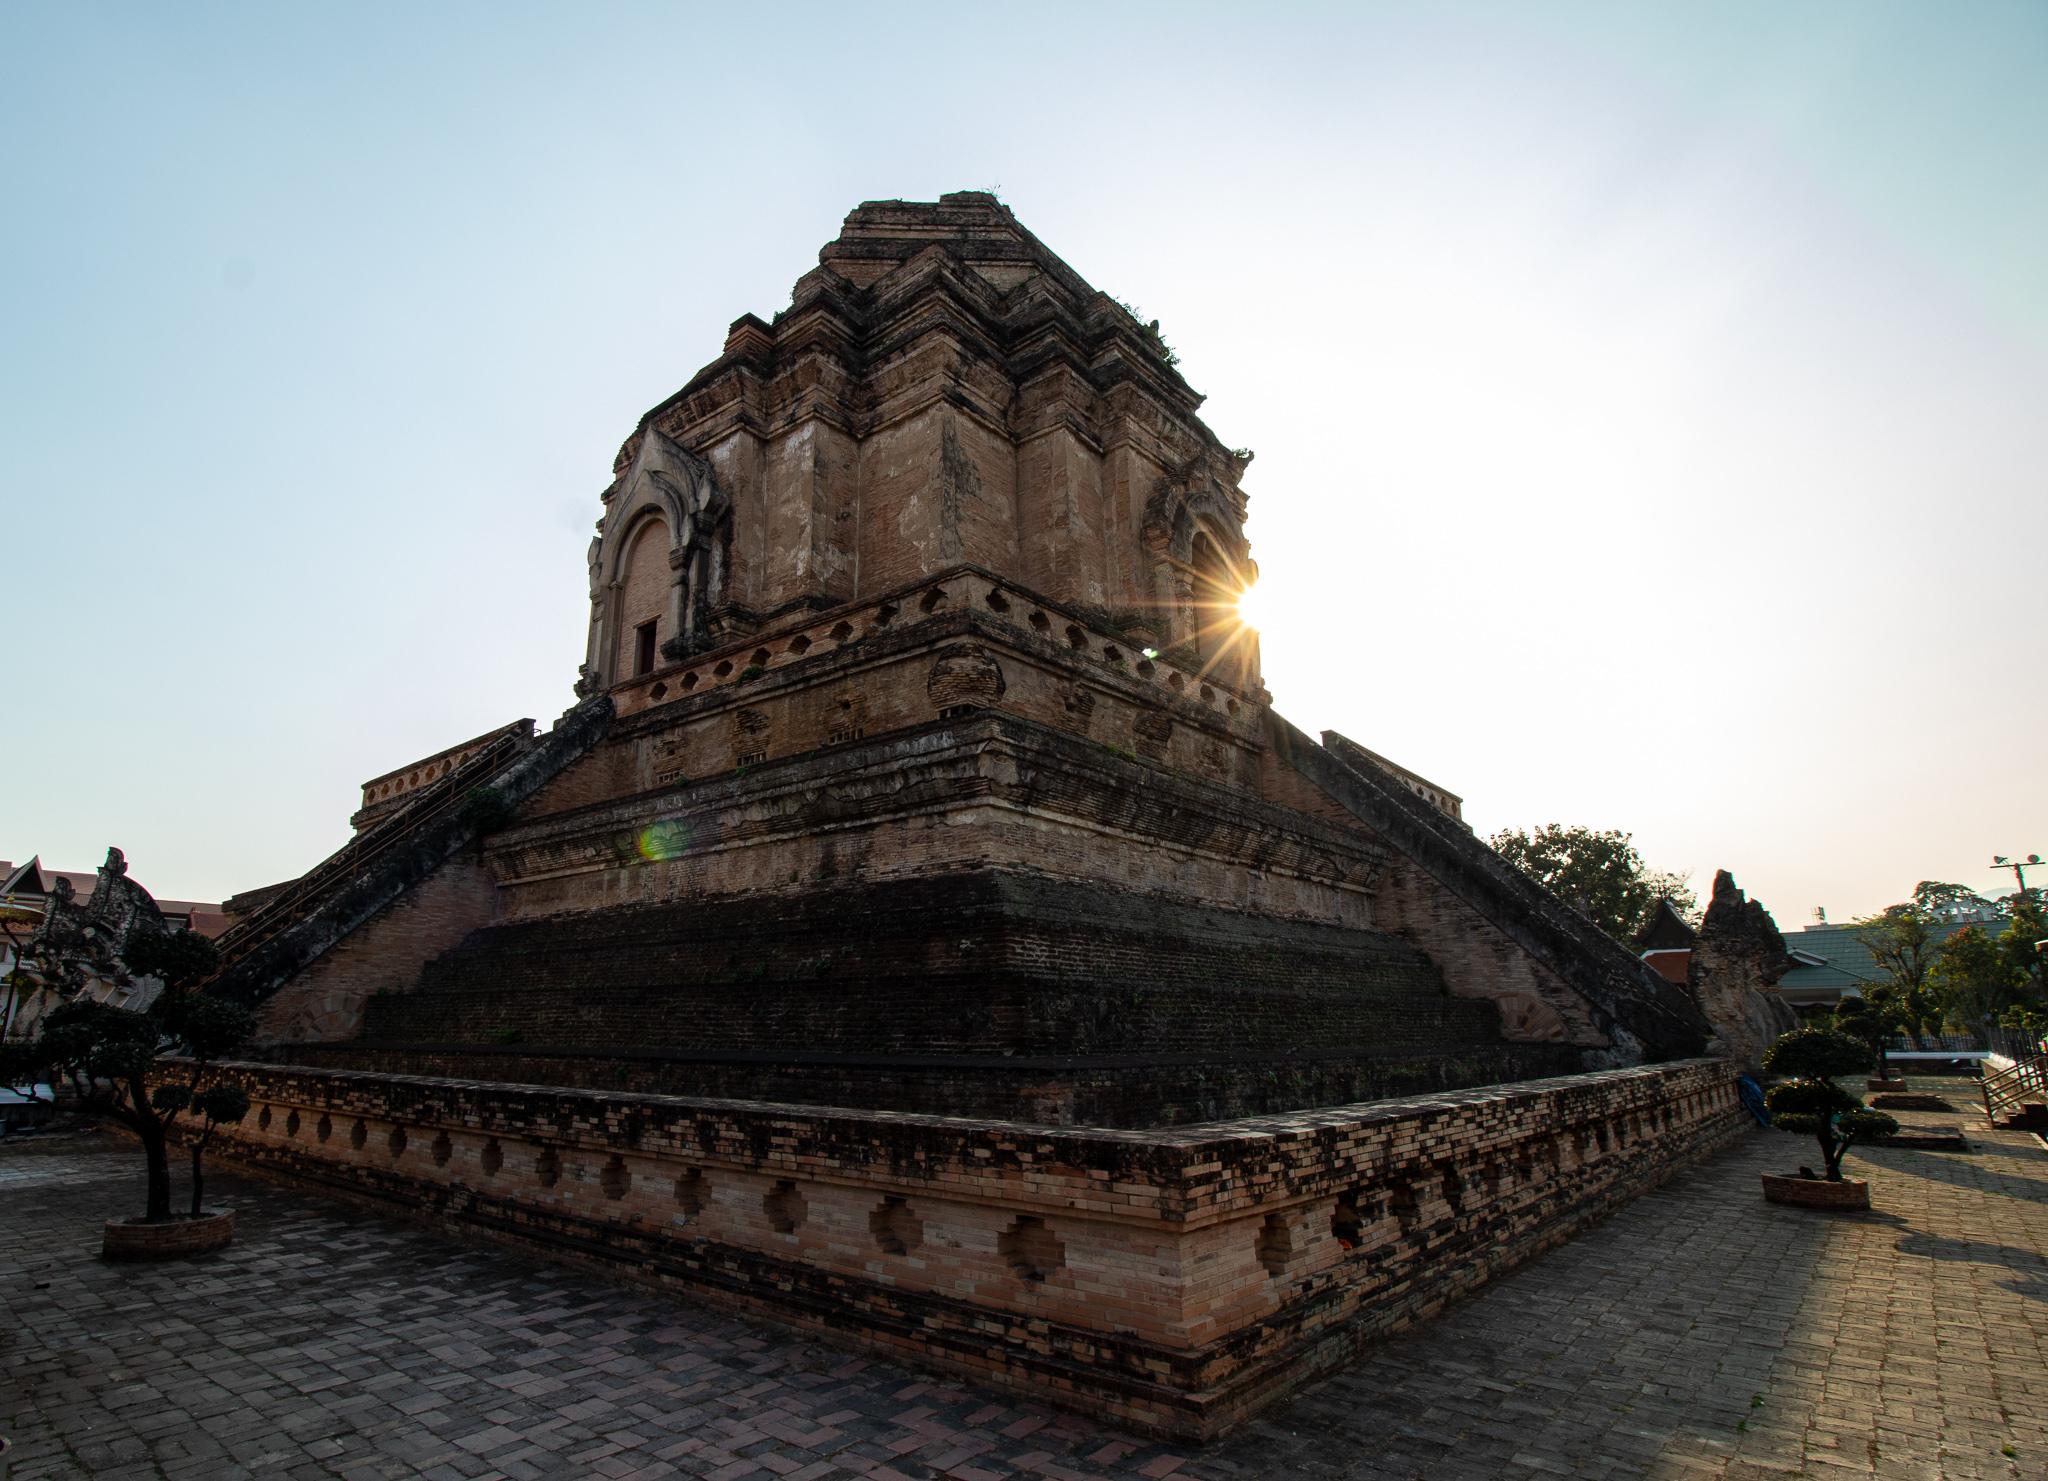 Mitte des 15. Jahrhunderts wurde der Bau von Wat Chedi Luang beendet. Bei einem Erdbeben 1545 stürzten die oberen 30 von 82 Metern ein.